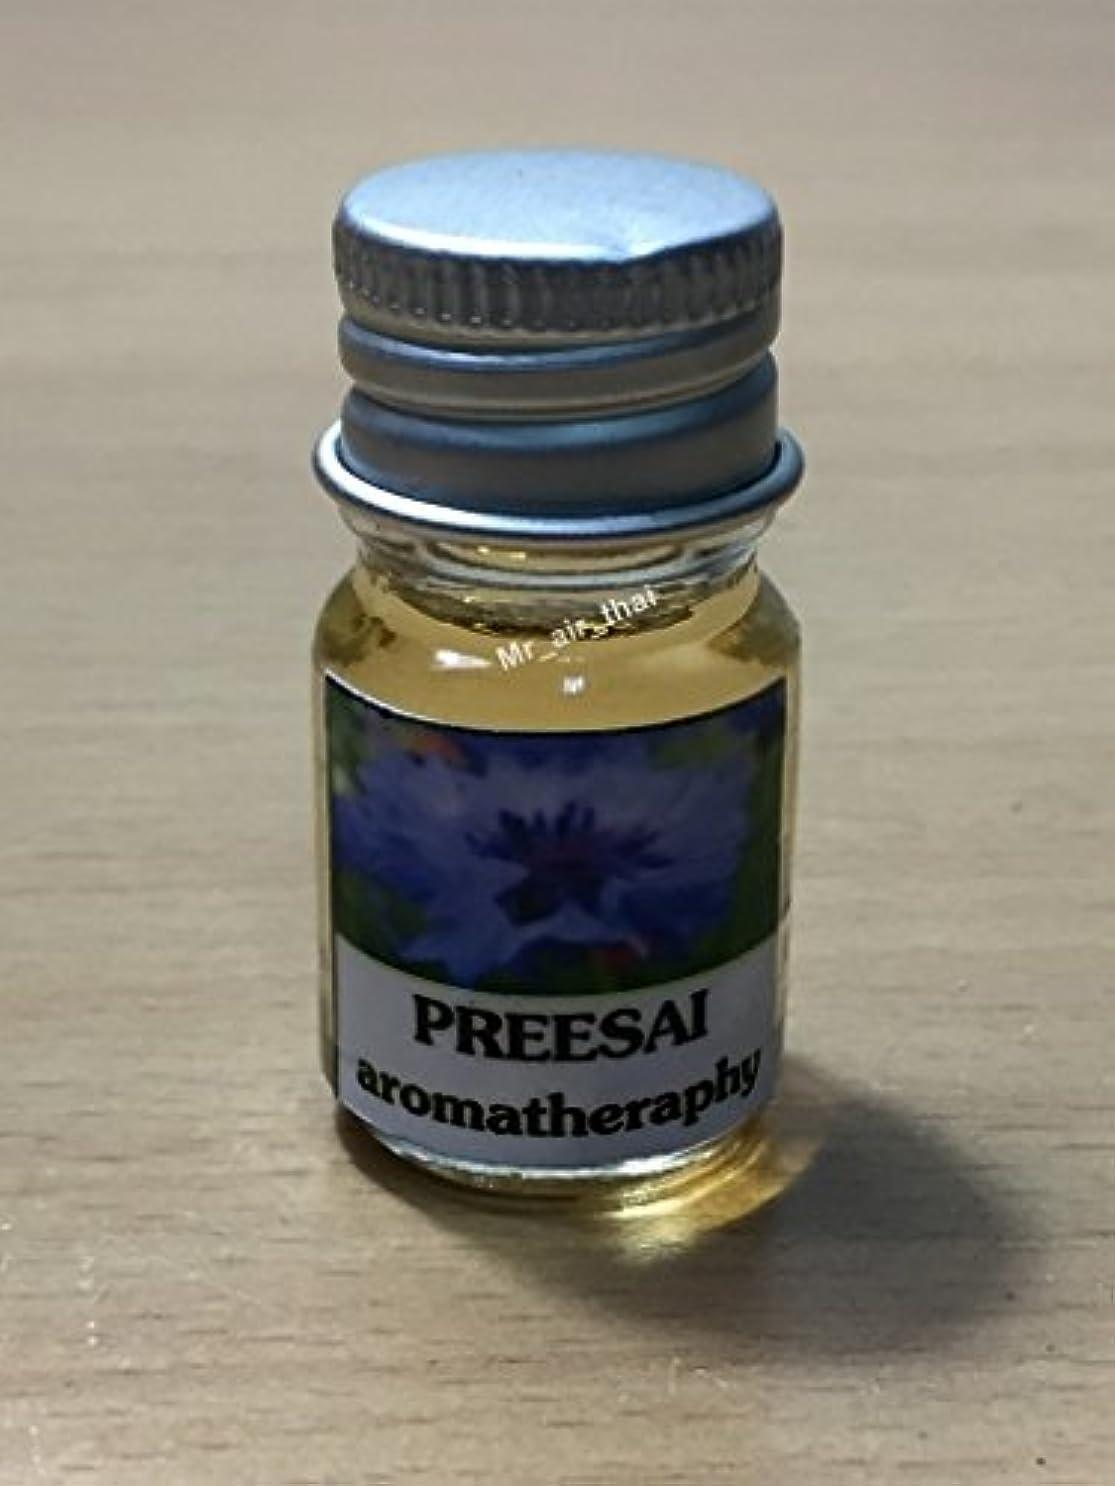 他の場所検体急速な5ミリリットルアロマフリージアフランクインセンスエッセンシャルオイルボトルアロマテラピーオイル自然自然5ml Aroma freesia Frankincense Essential Oil Bottles Aromatherapy...